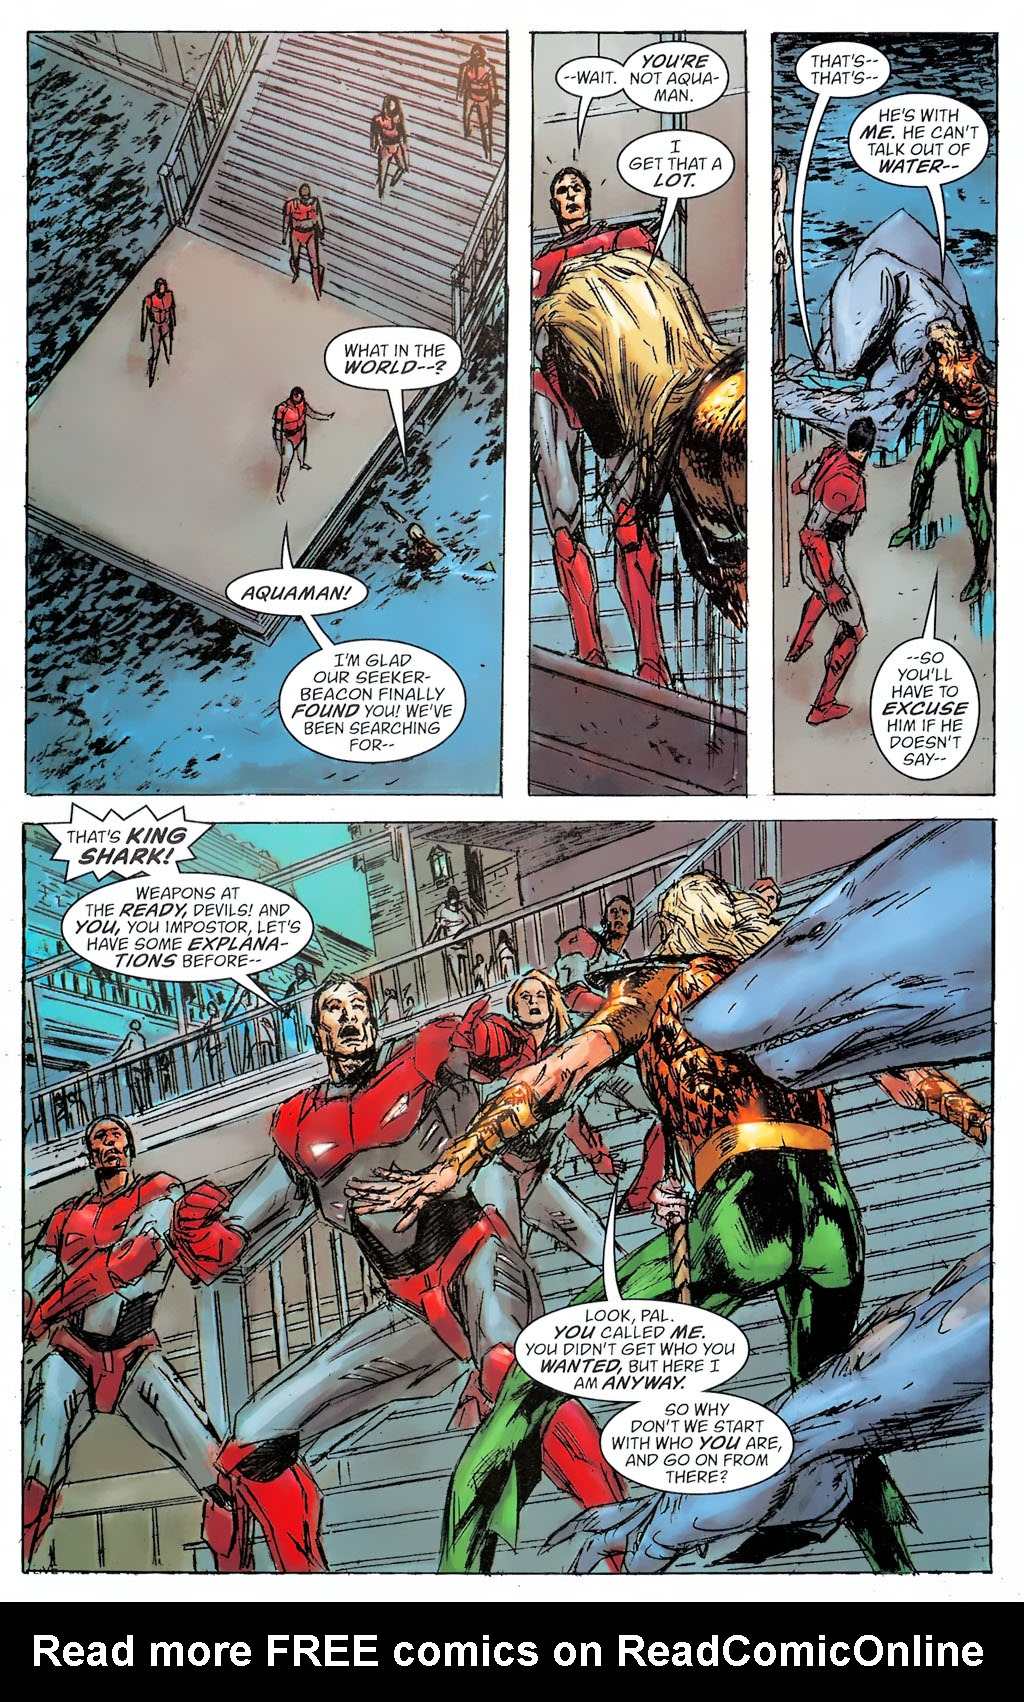 Read online Aquaman: Sword of Atlantis comic -  Issue #42 - 18